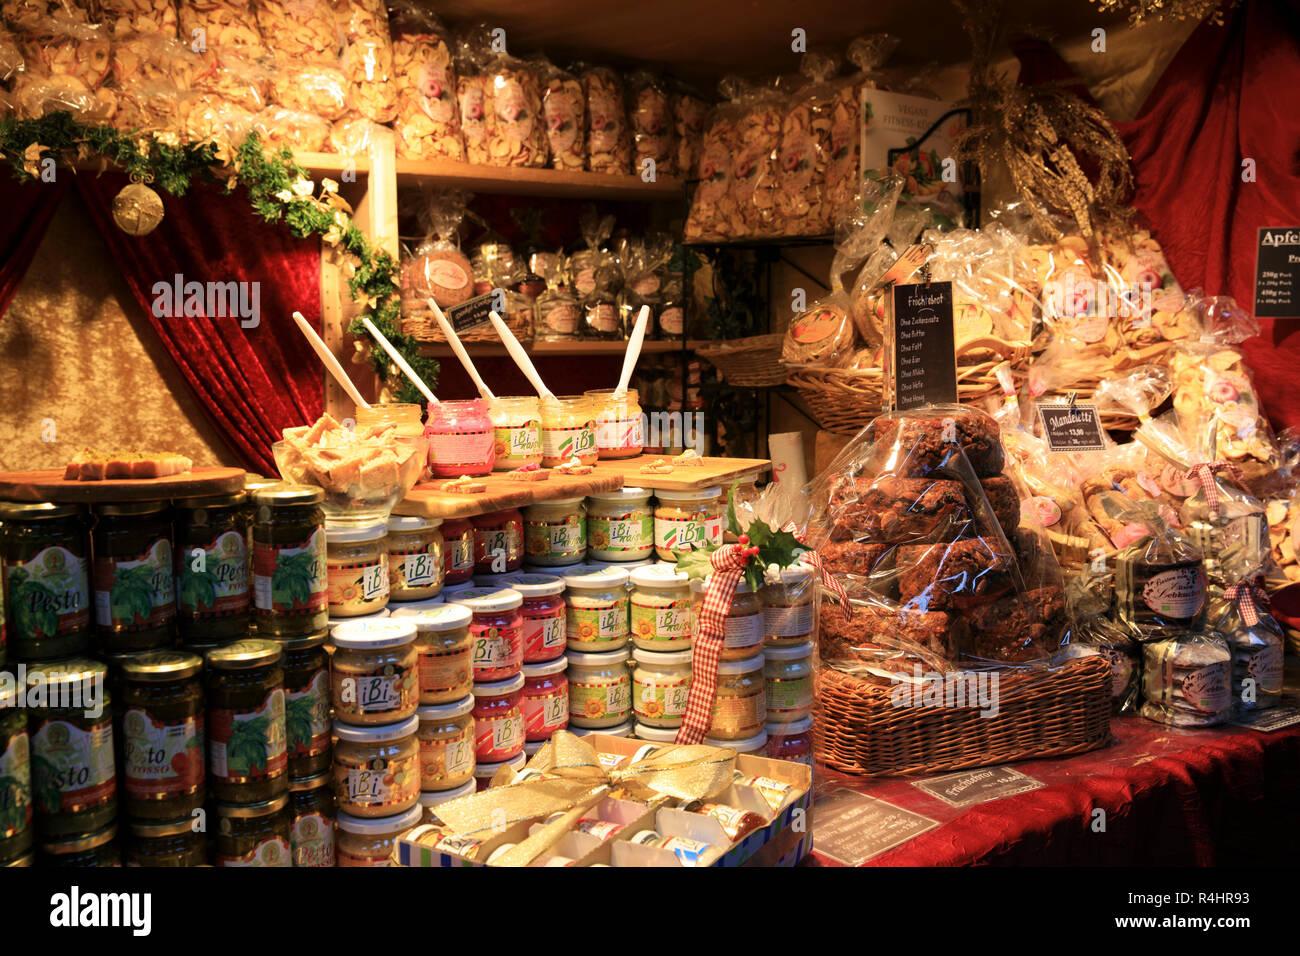 Christmas market delicatessen at Zurich train station, Zurich, Switzerland, Europe - Stock Image